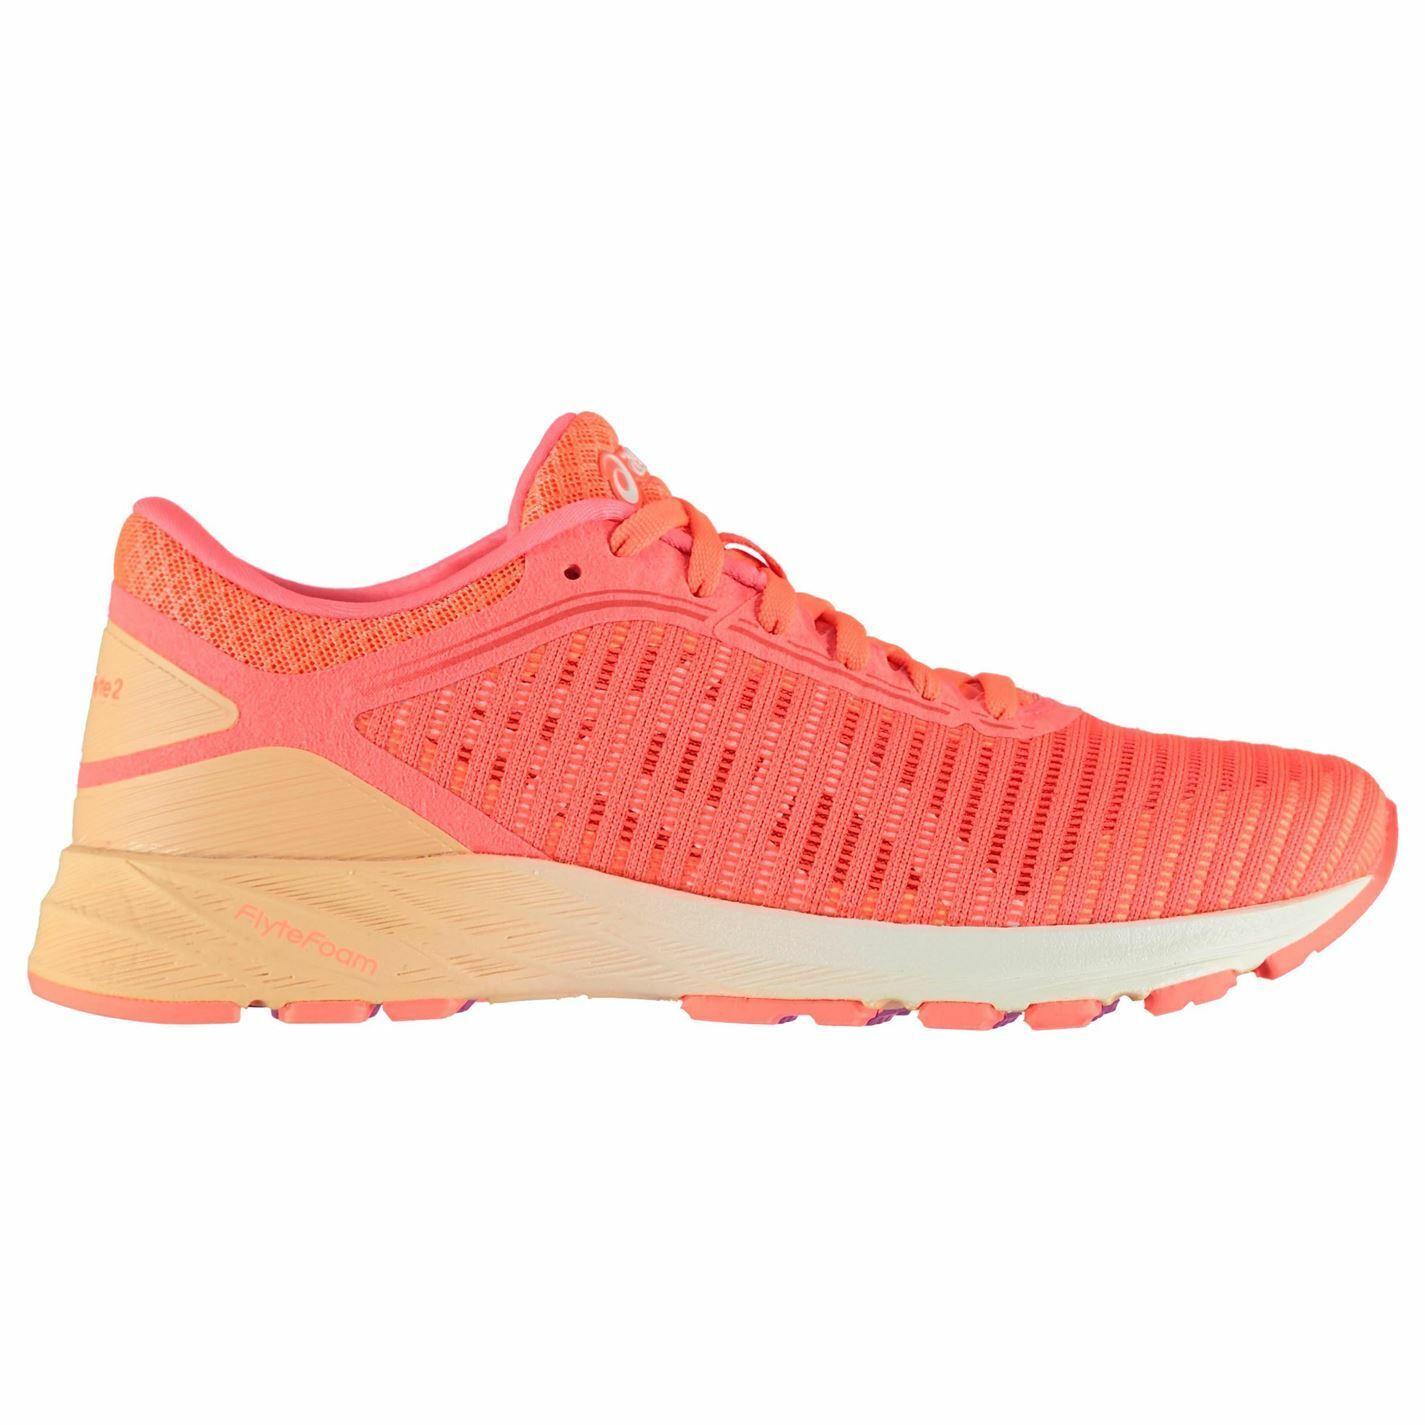 Asics donna Dynaflyte  2 Running scarpe Road Mesh  ordina ora con grande sconto e consegna gratuita